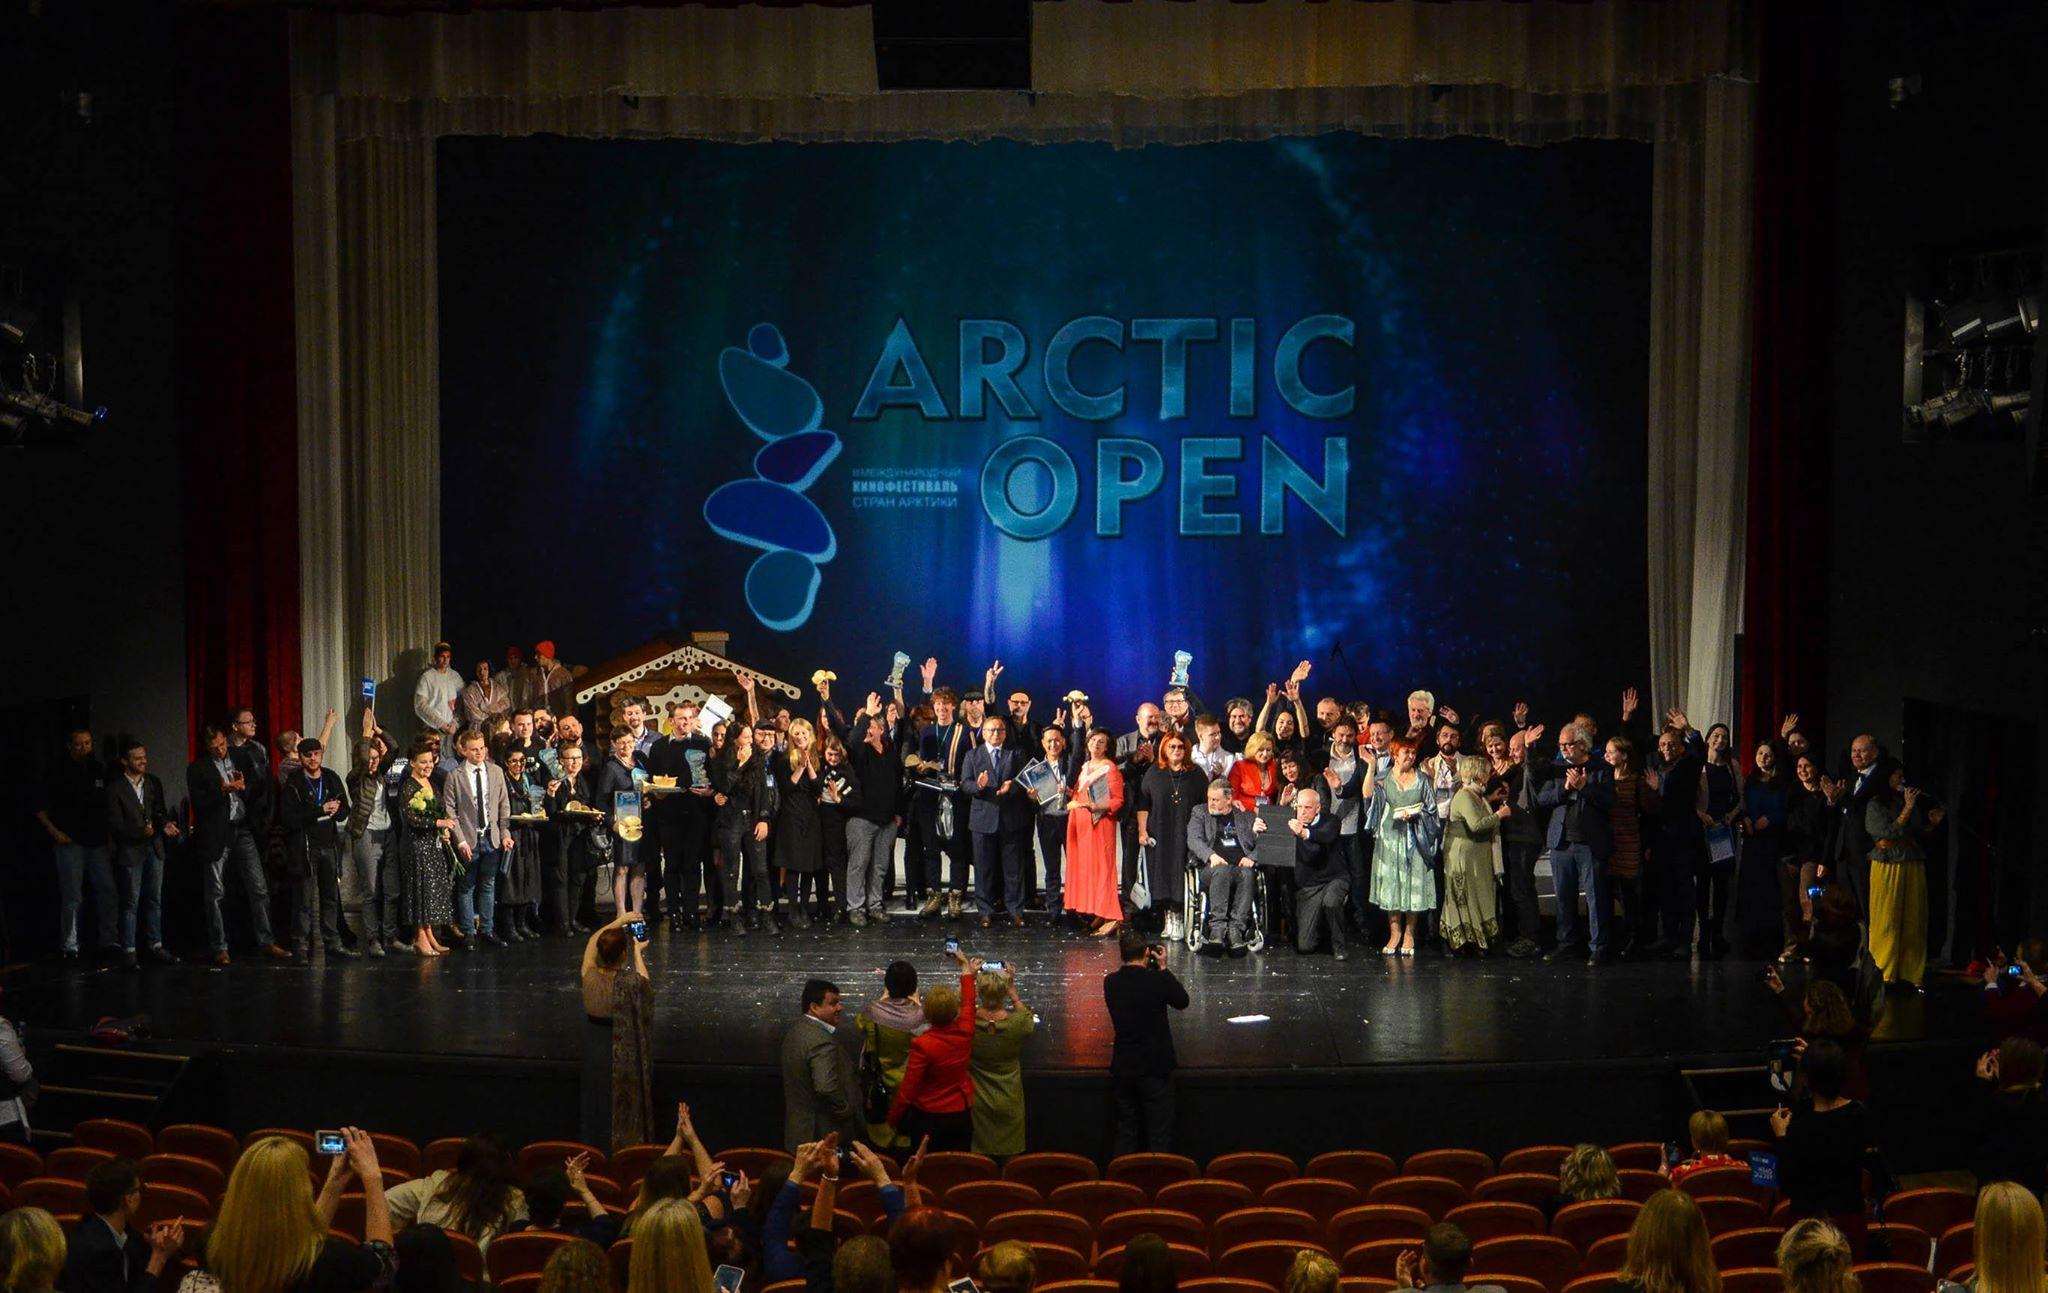 Arctic Open